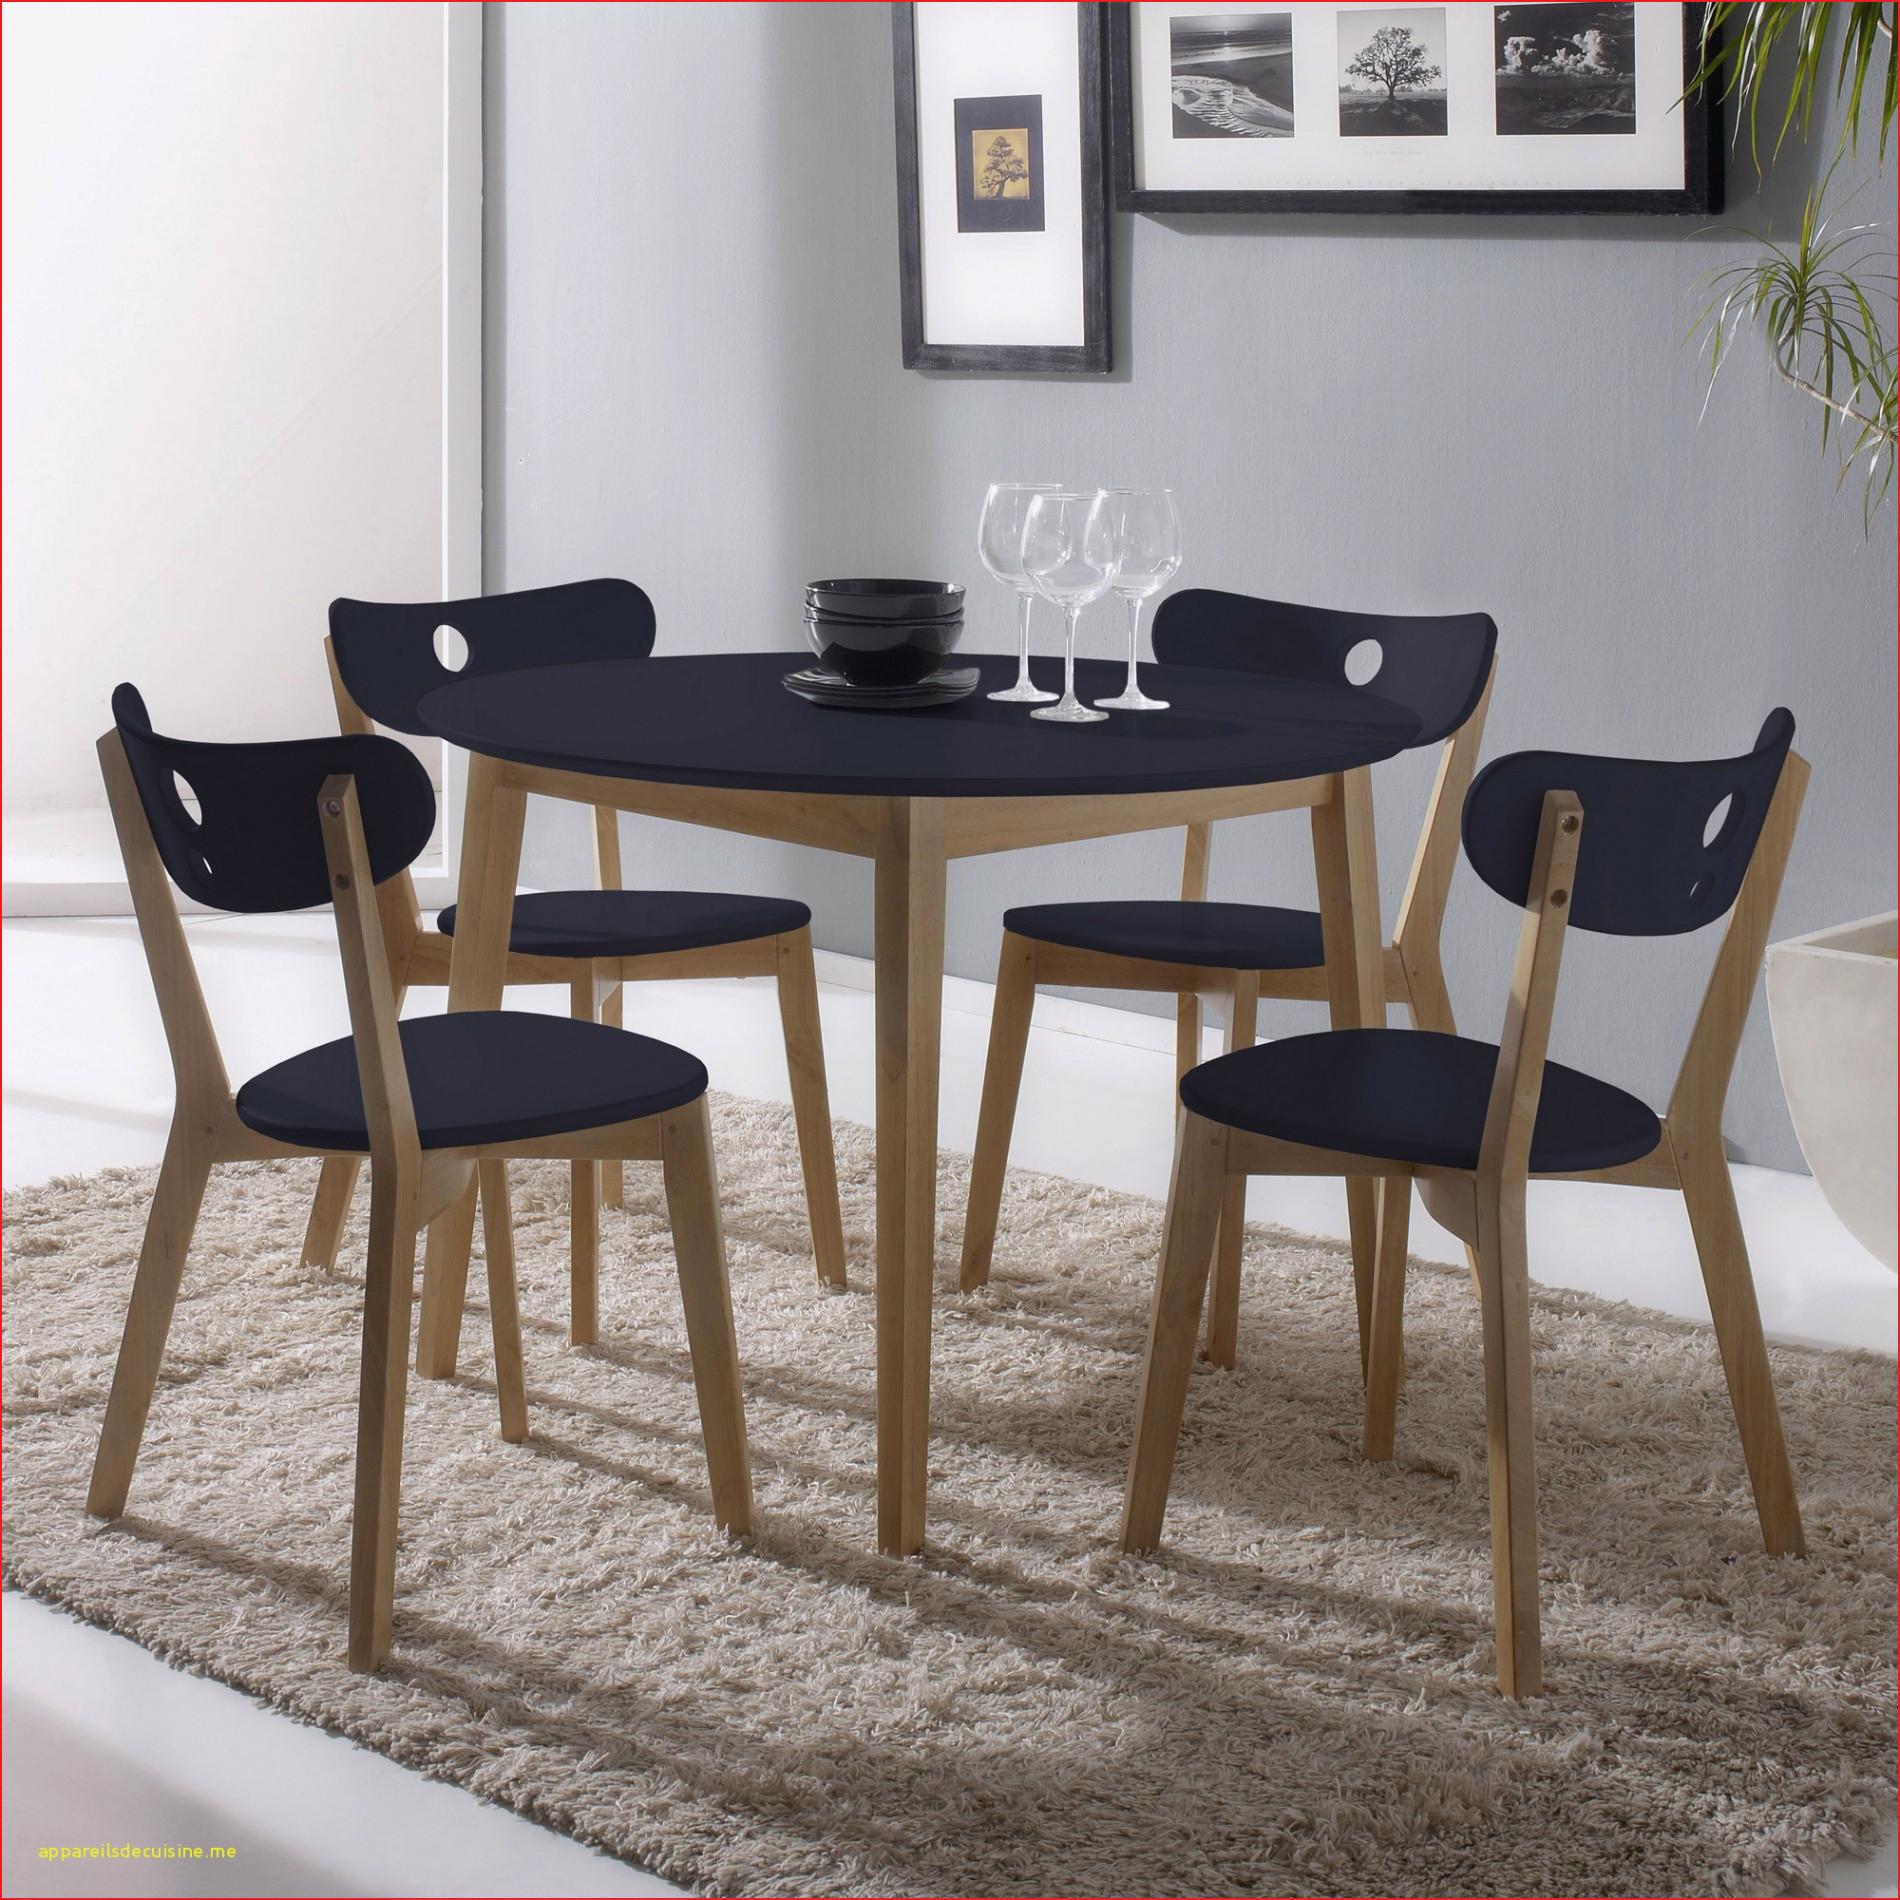 Fauteuil De Table Élégant Fa§ons De Fauteuil Bois Image De Fauteuil Décoratif